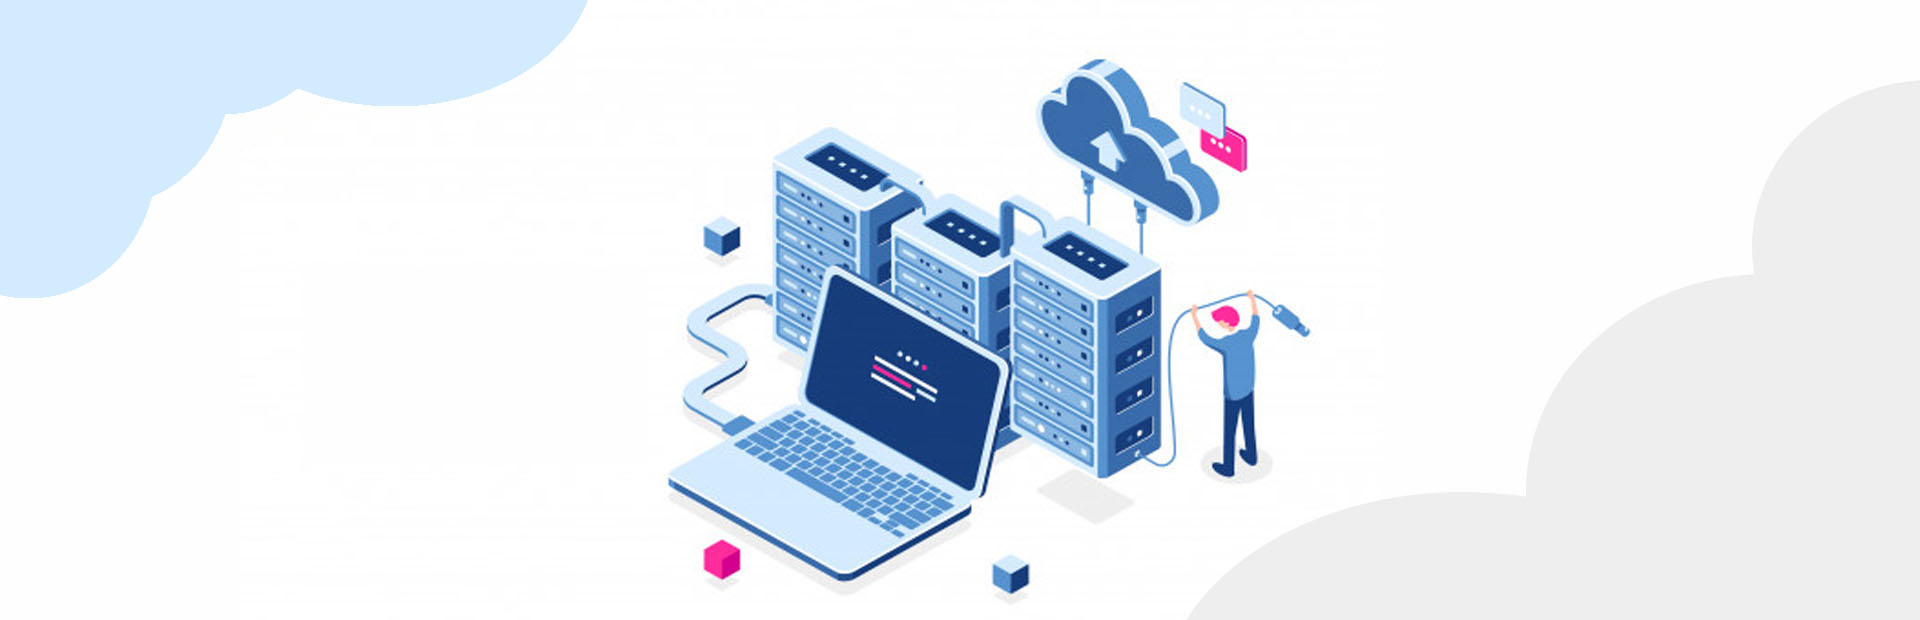 cloud service in Nigeria